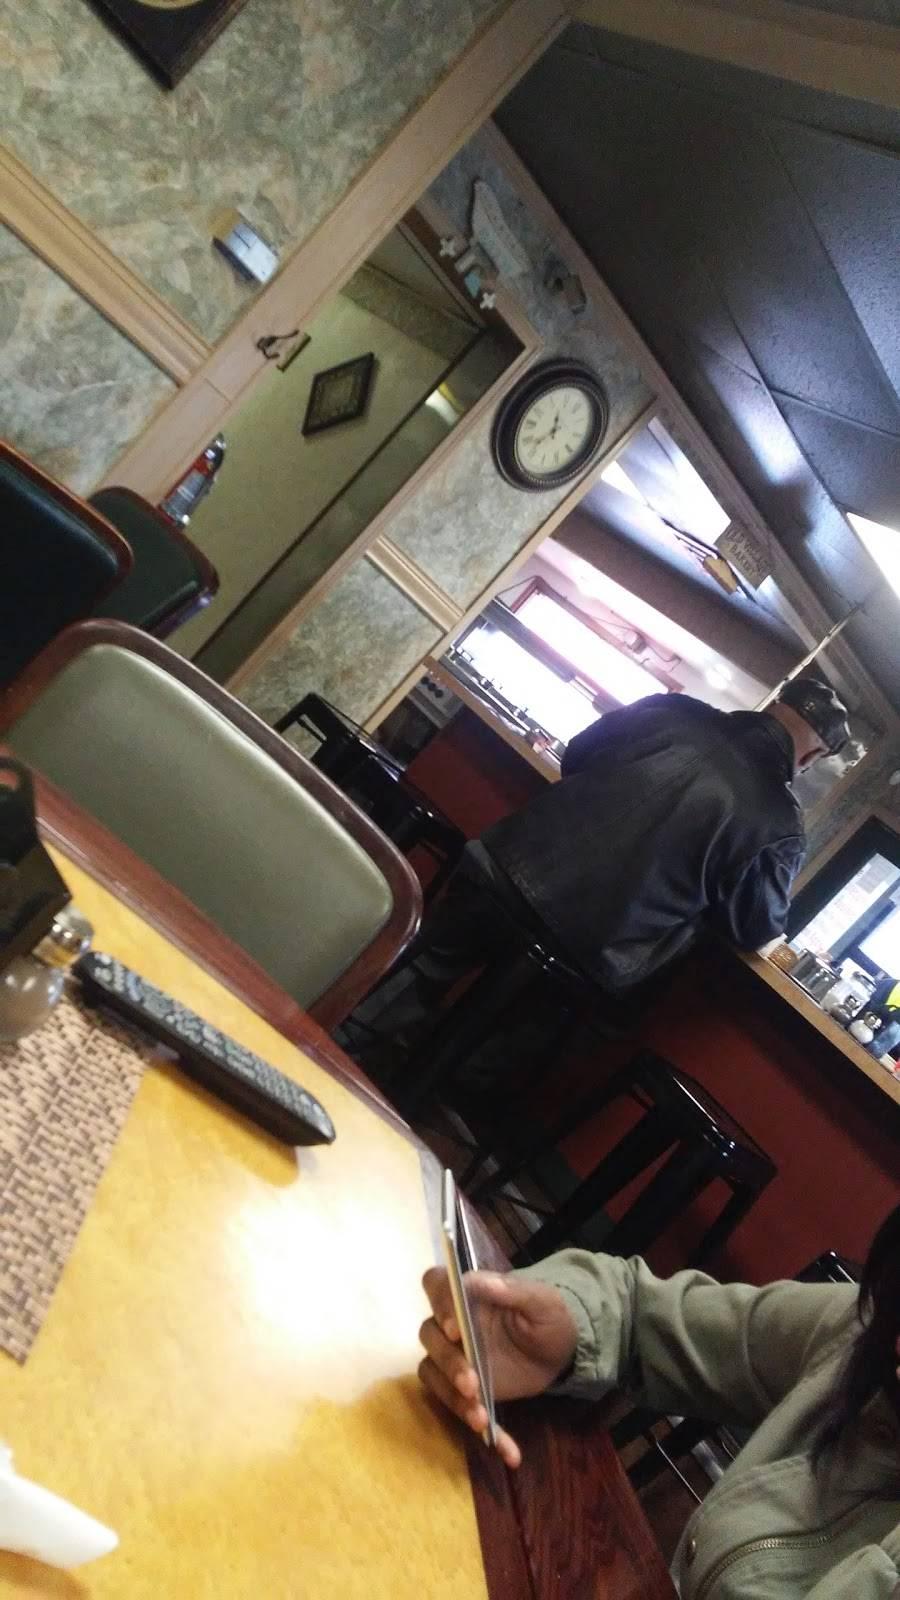 Ms Goodies | restaurant | 1836 Bailey Ave, Buffalo, NY 14211, USA | 7169363690 OR +1 716-936-3690